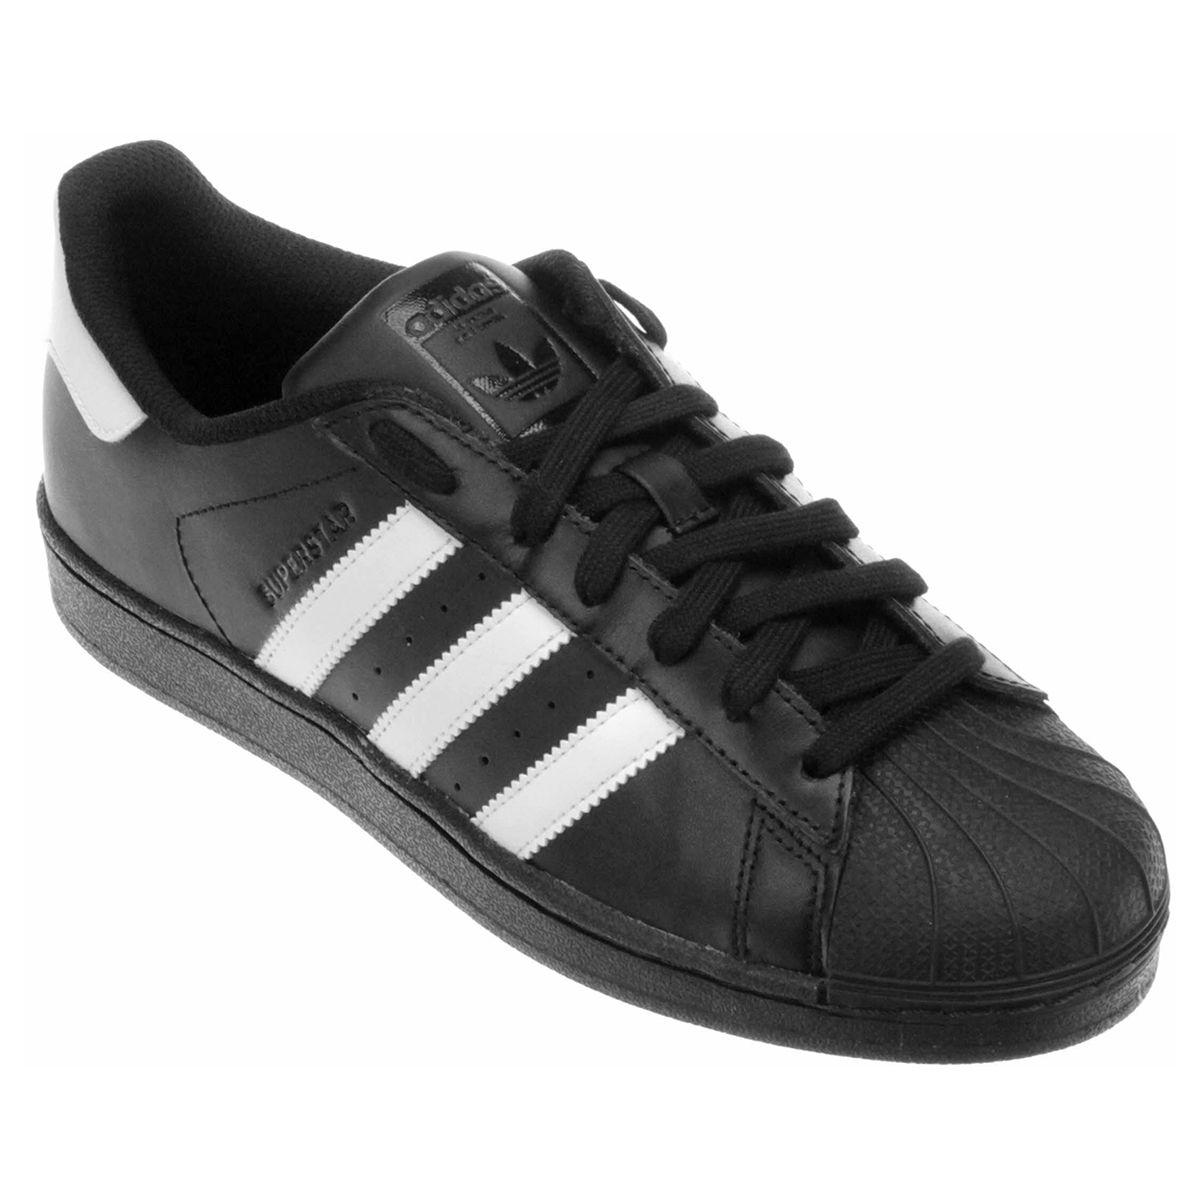 52fd038dc O estilo casual ganha mais autenticidade com o Tênis Adidas Superstar  Foundation Preto e Branco.